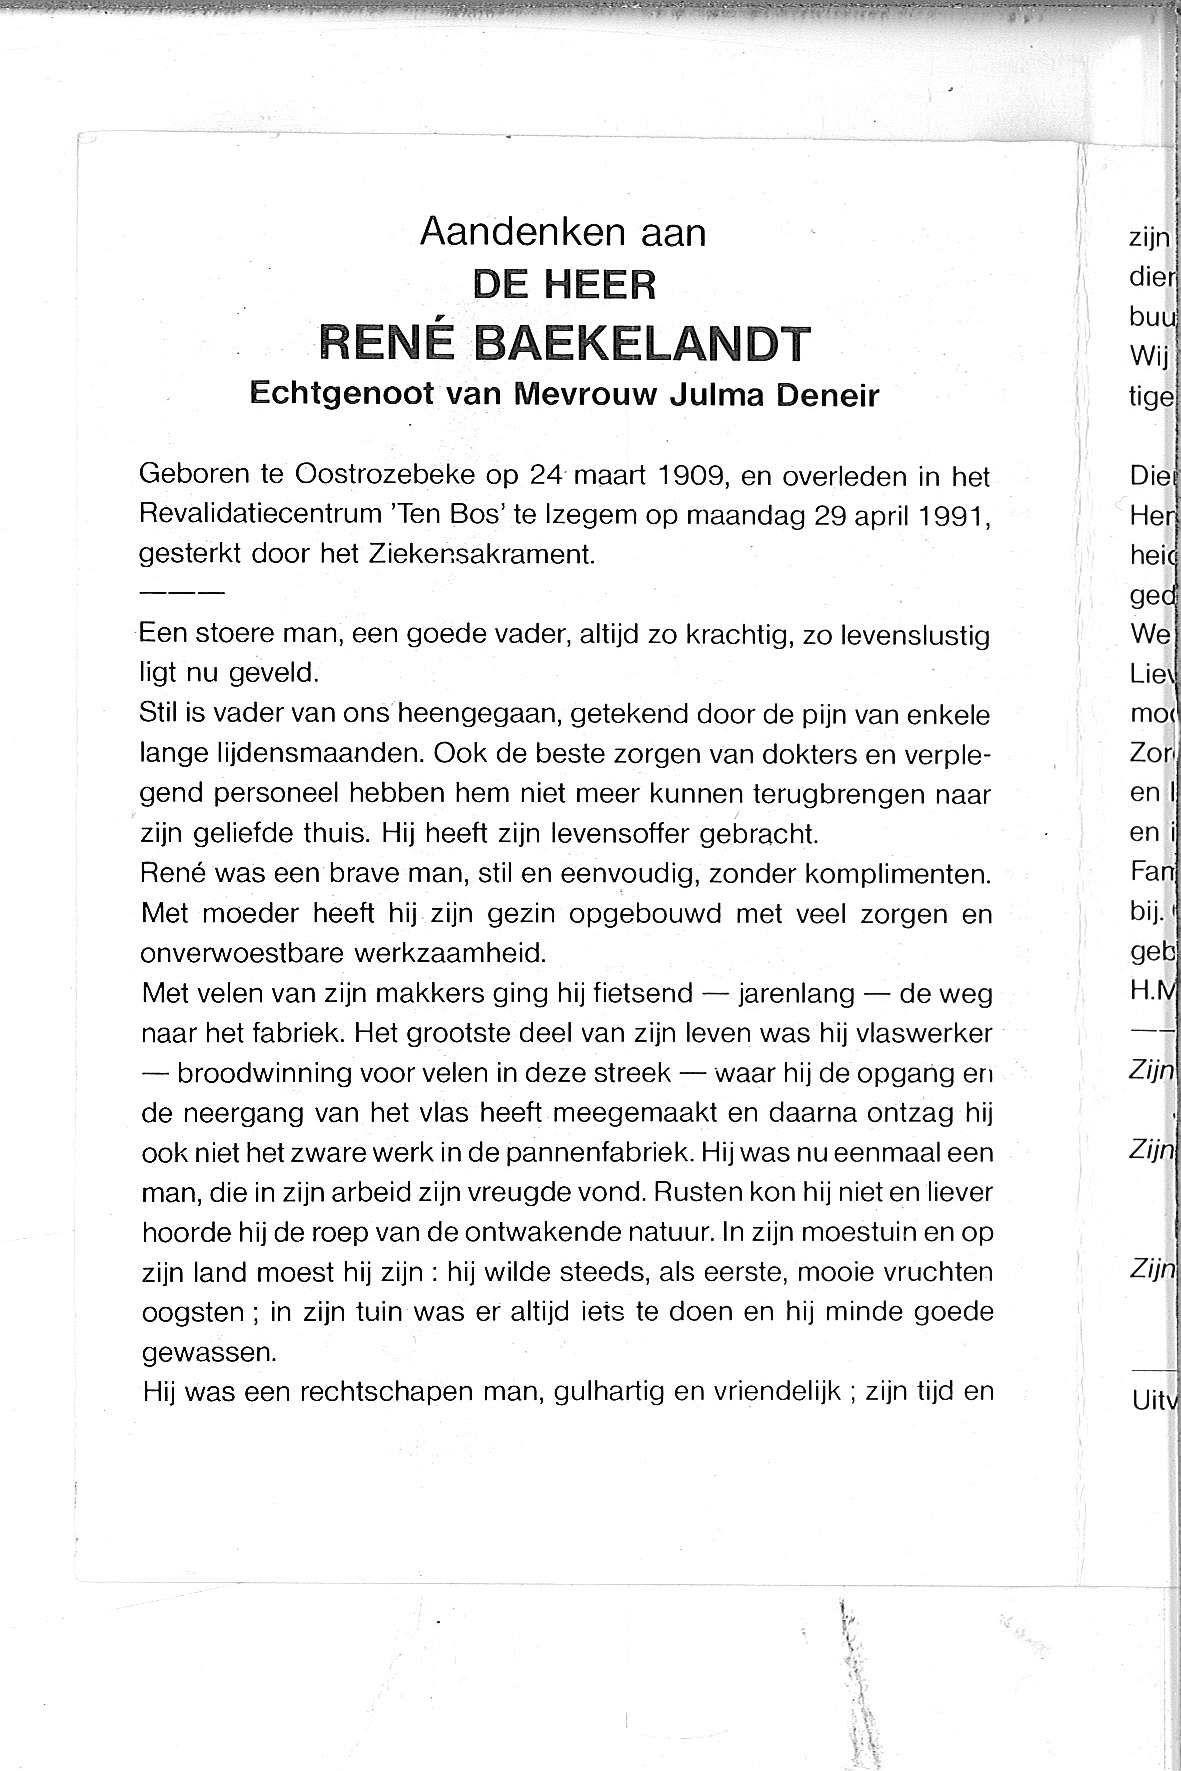 René(1991)20130826105243_00082.jpg